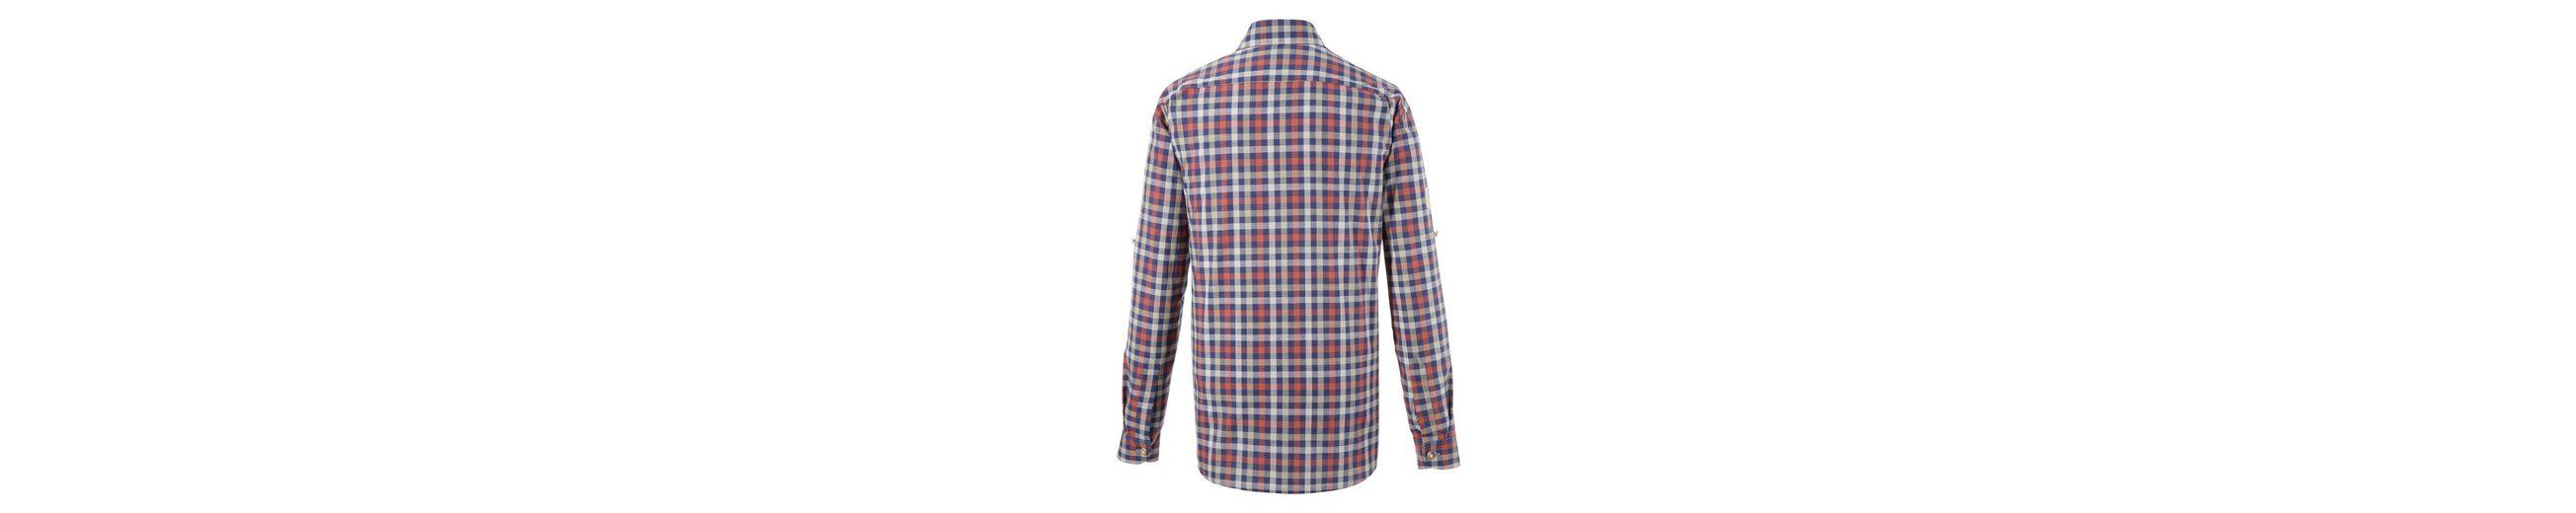 OS-Trachten Trachtenhemd im modischem Karodesign Offizielle Seite Günstig Online Rabatt Besuch Neu Guter Service Marktfähig Zu Verkaufen WRciNuigC